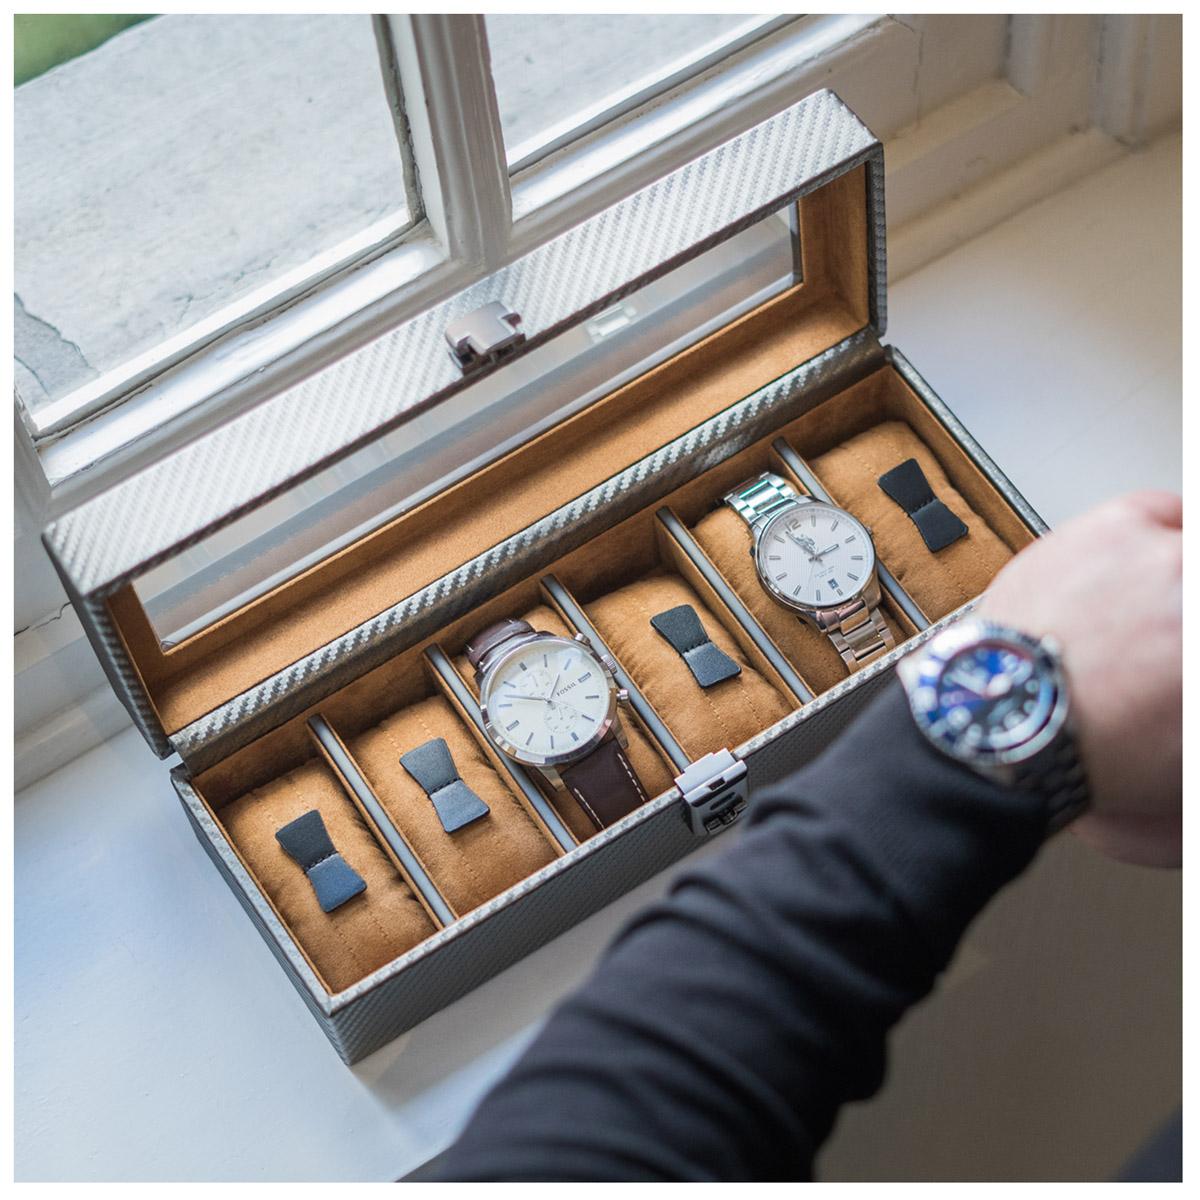 Coffret à montres \'Graphite Design\' gris anthracite (6 montres) - 335x11x85 cm - [P1406]